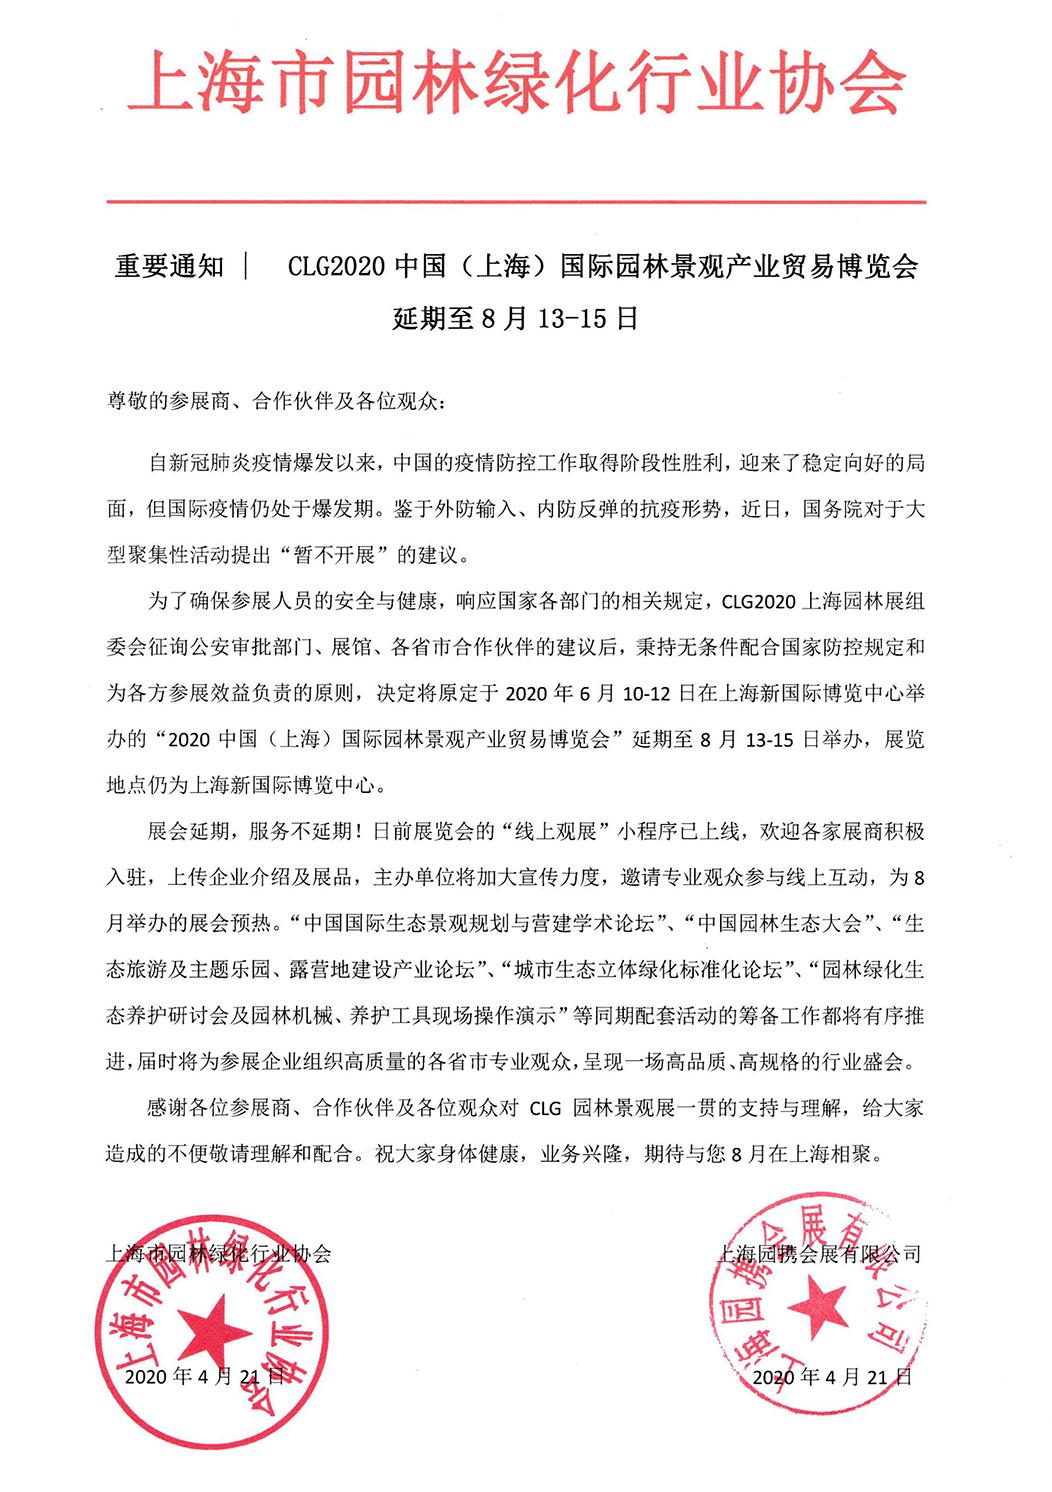 中国(上海)园林景观产业贸易博览会